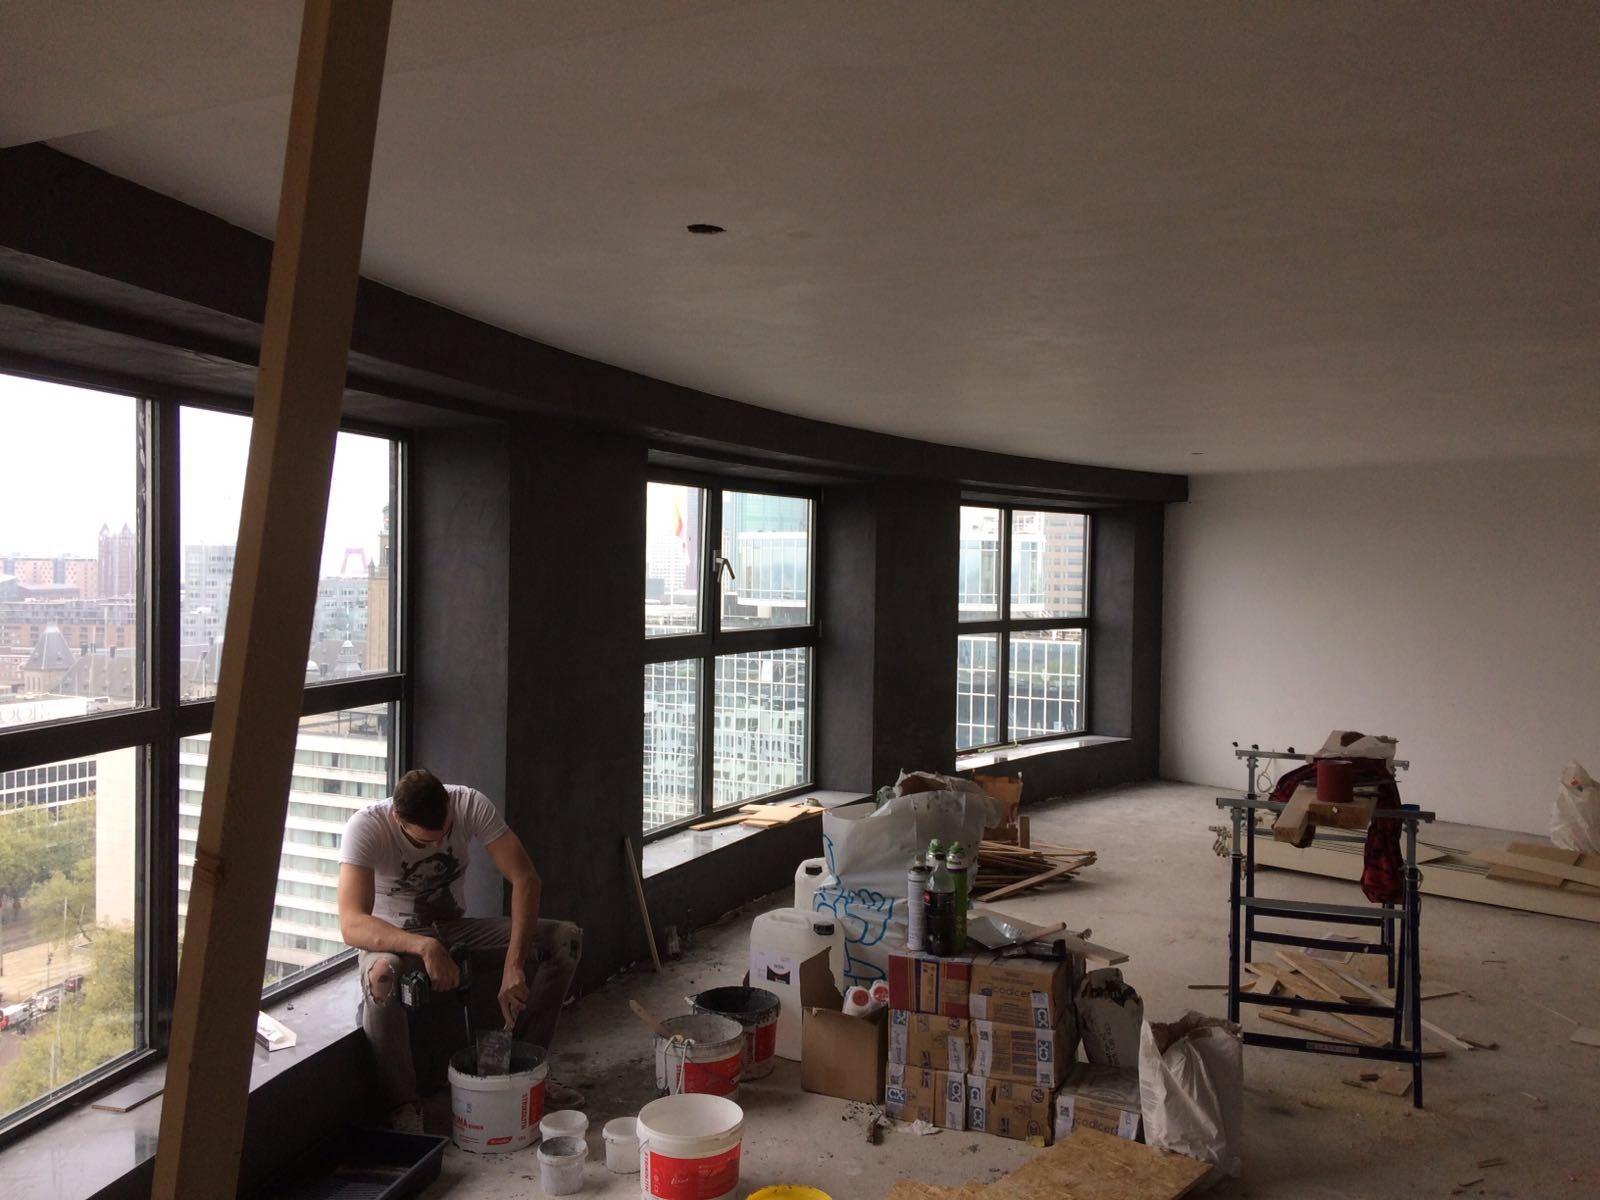 Vloeren Winkel Rotterdam : Leef beton rotterdam betonlook wanden en vloer in penthouse